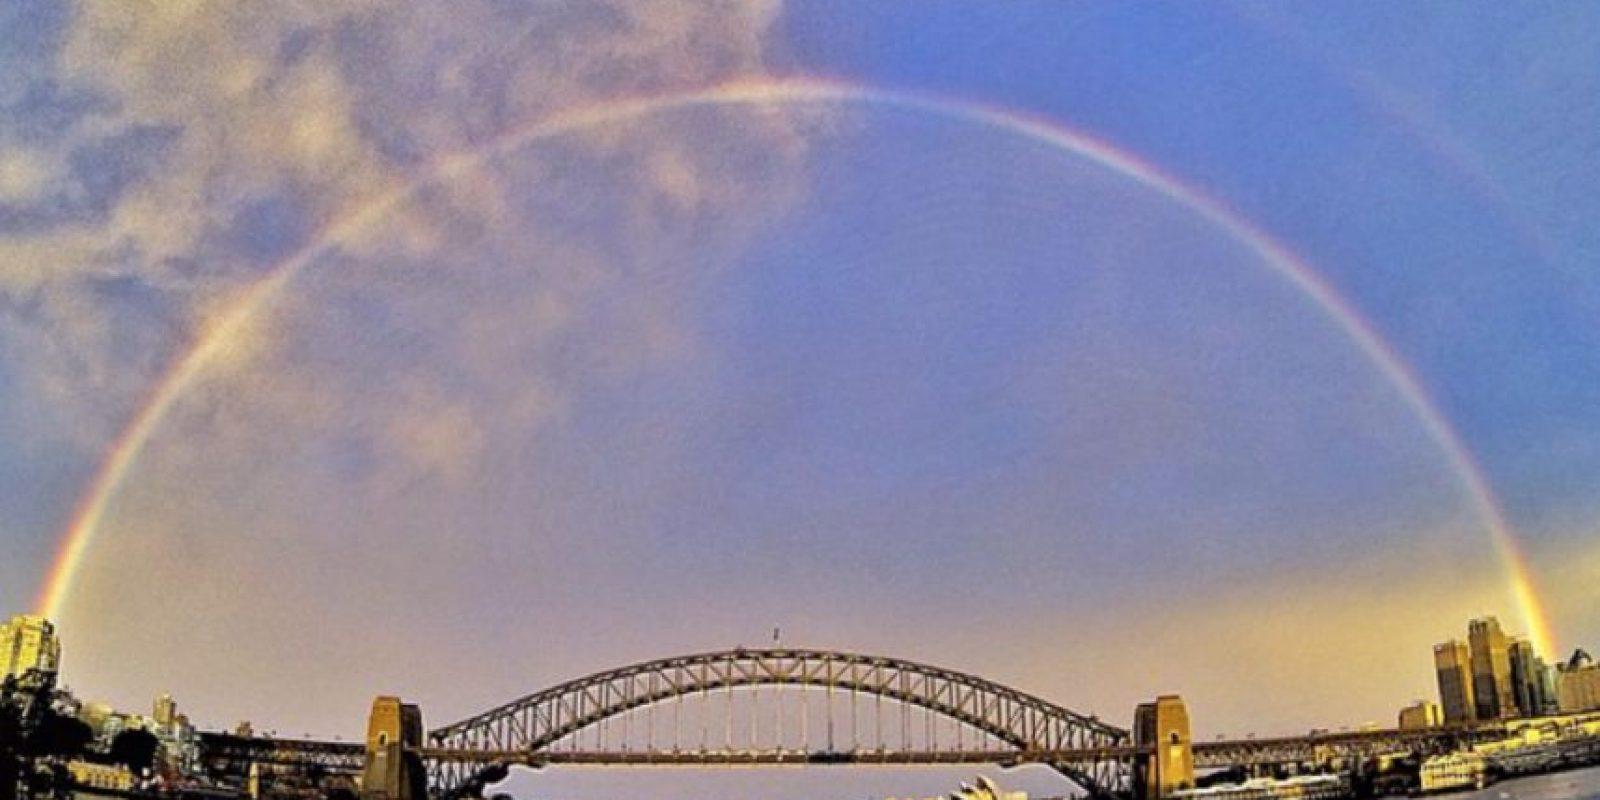 Todos los arcoirís se forma cuando la luz del sol choca con la lluvia. Foto:Vía Twitter @ANMMuseum